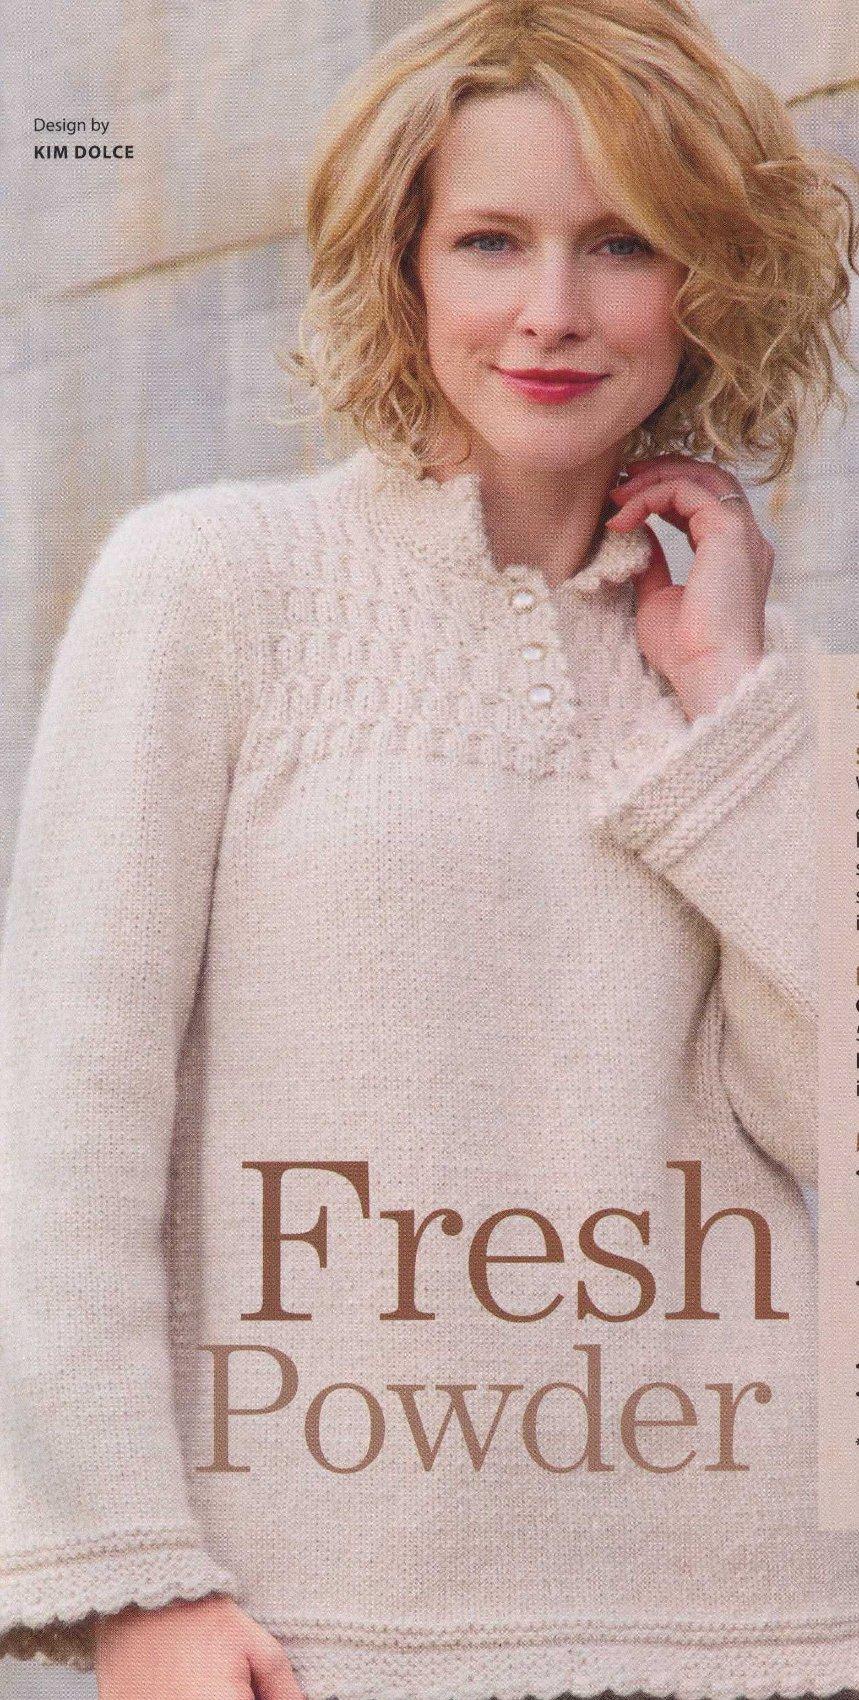 Lt b gt вязание lt b gt спицами lt b gt пуловер lt b gt lt b gt женские lt b gt модели самое интересное в блогах